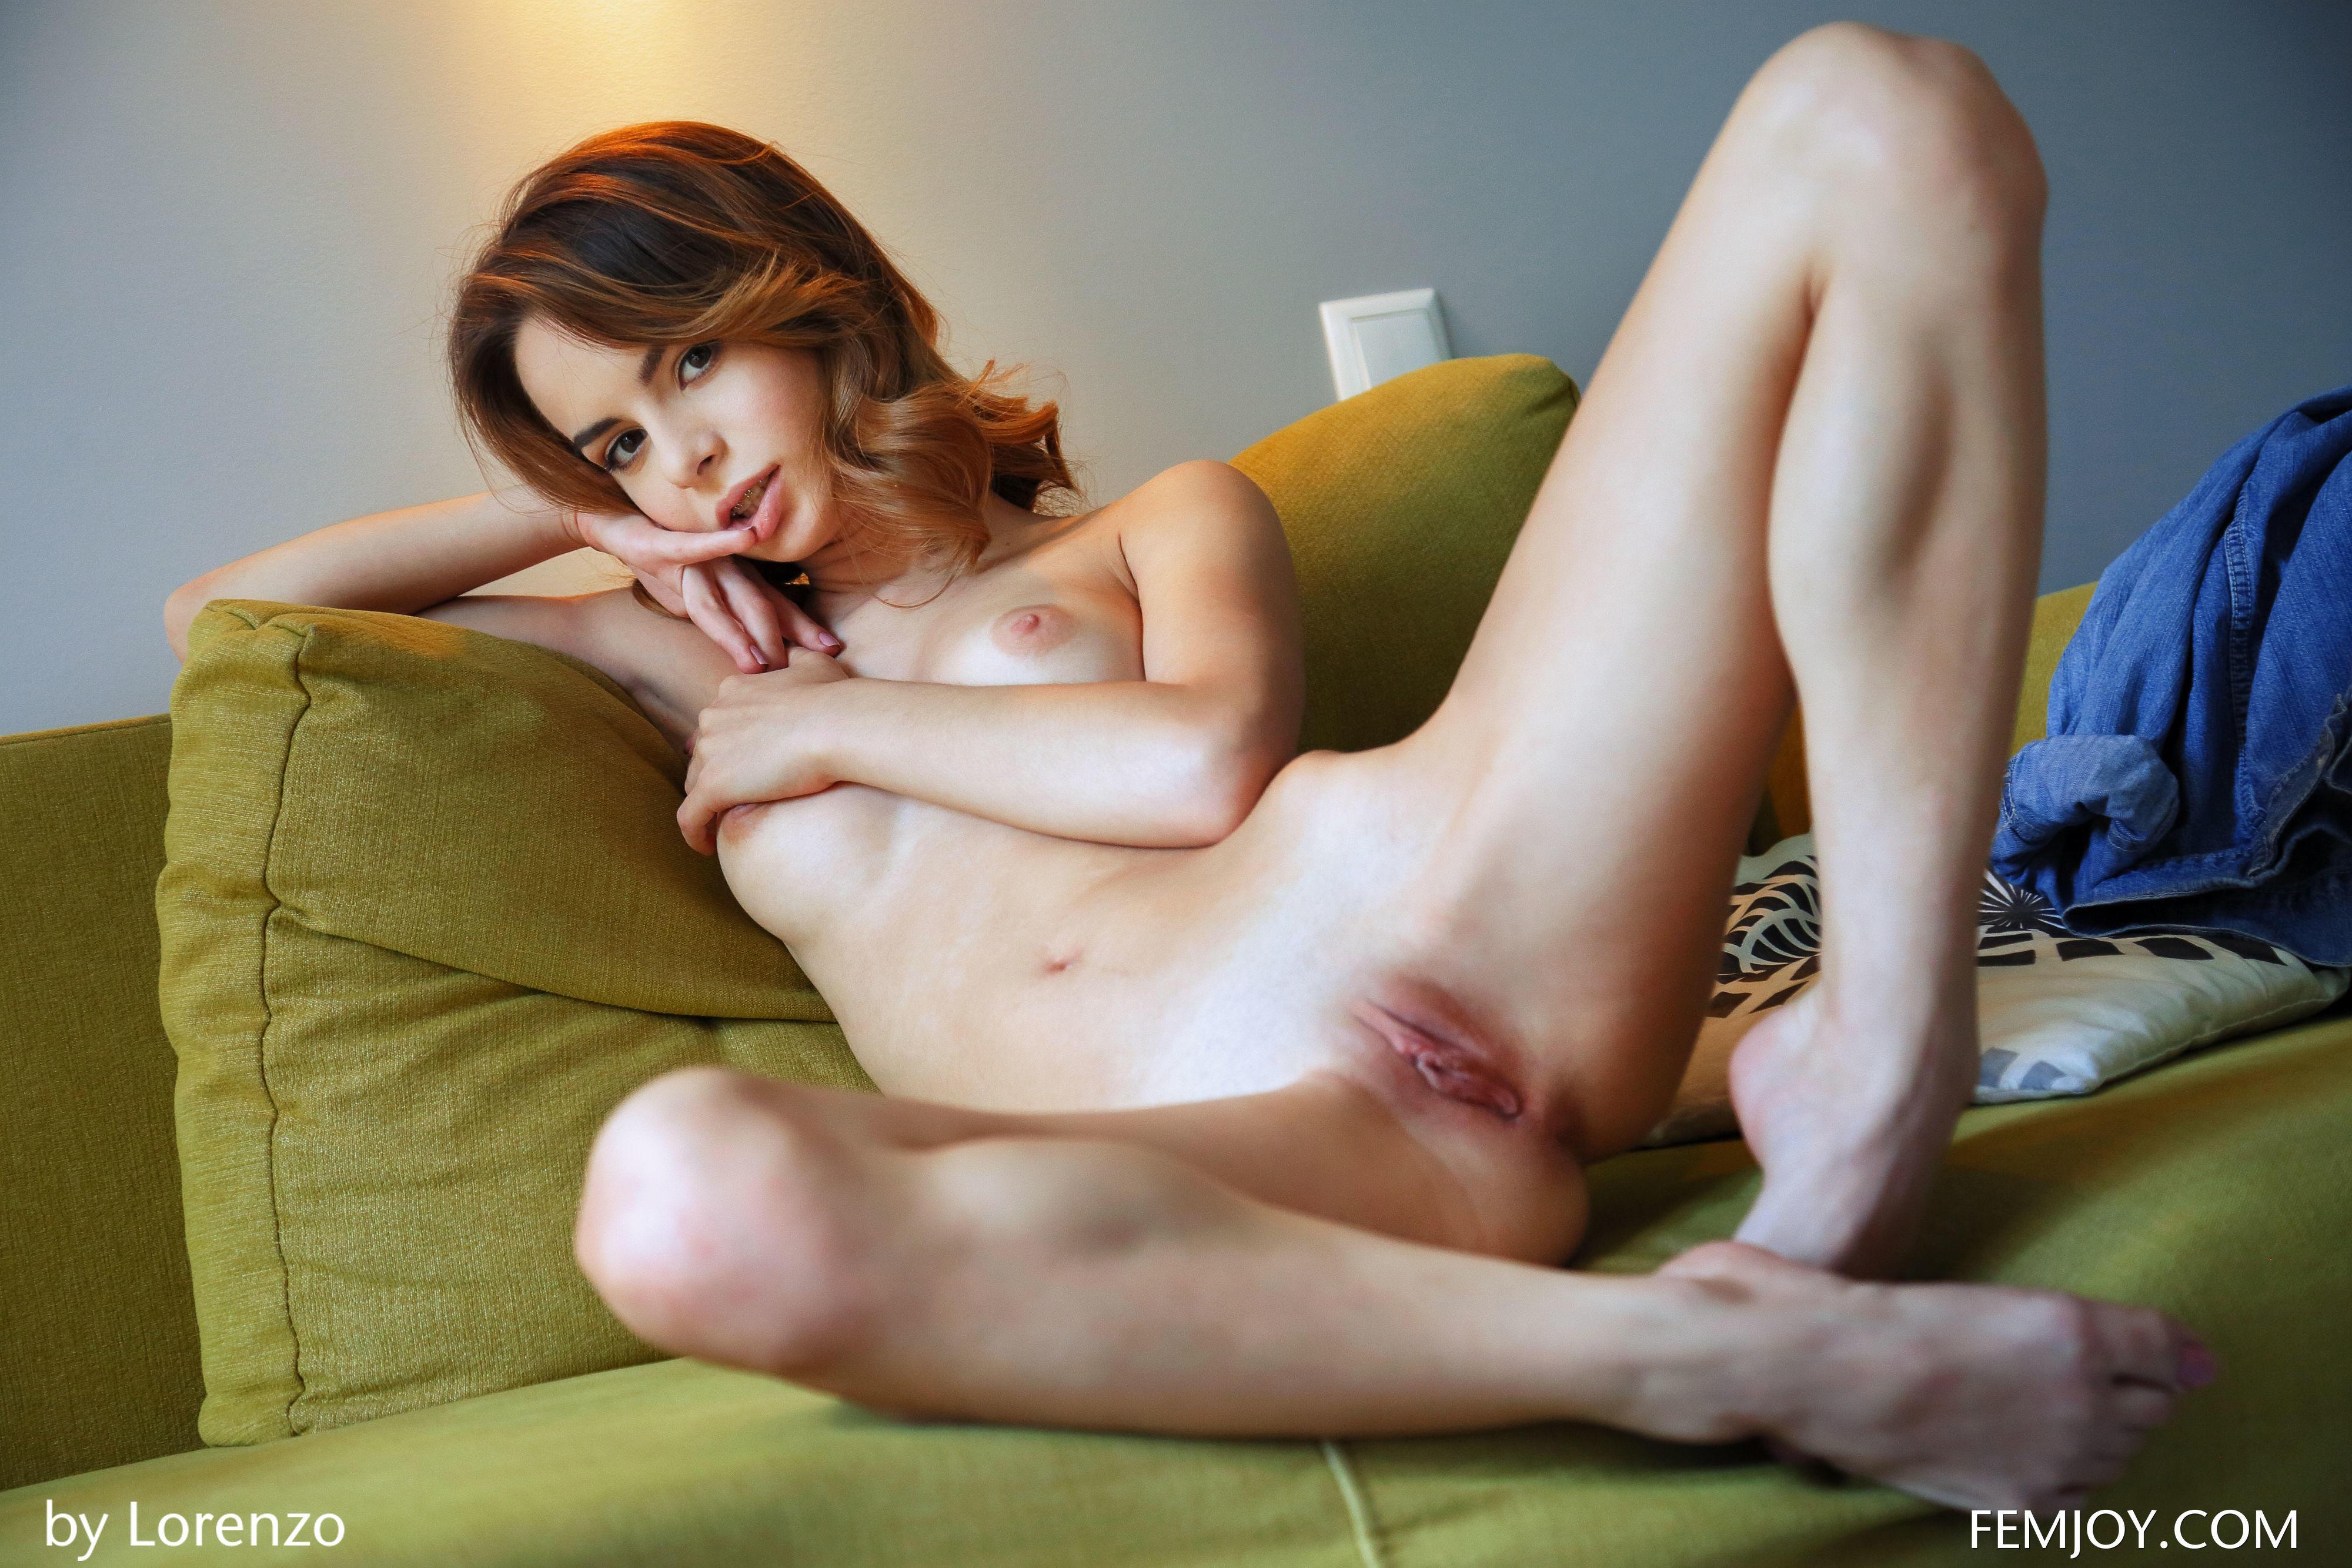 обои Denisa G, красотка, голая, голая девушка картинки фото